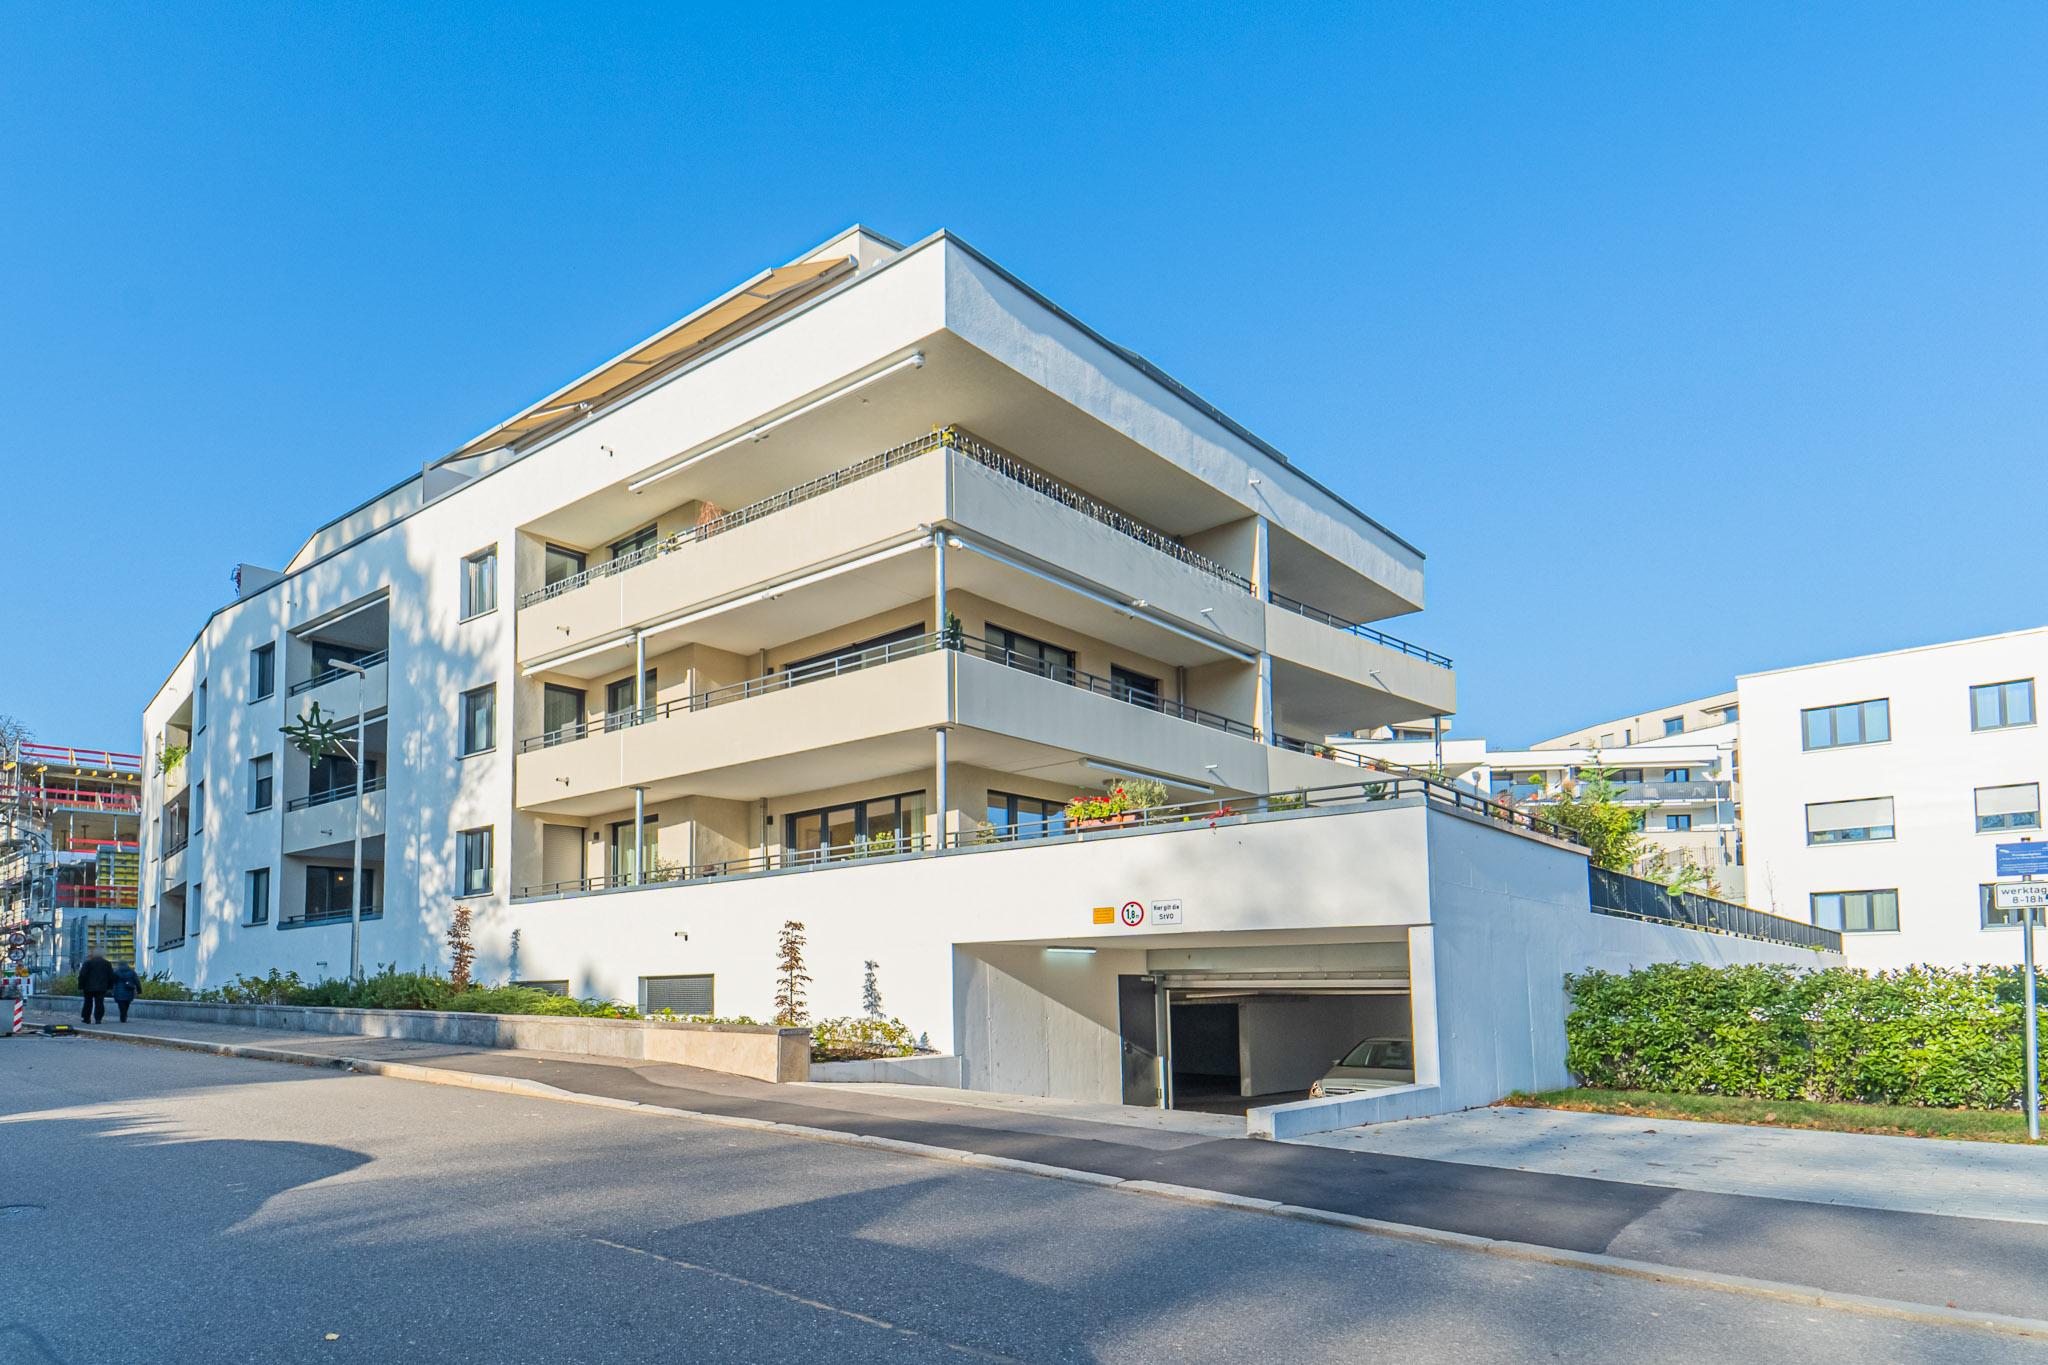 Zu vermieten: Neubau am Rhein! Elegante barrierefreie 3,5 Zi. Erdgeschoss-Wohnung mit Loggia, Lift und TG-Stellplatz am Adelberg in Rheinfelden per sofort zu vermieten